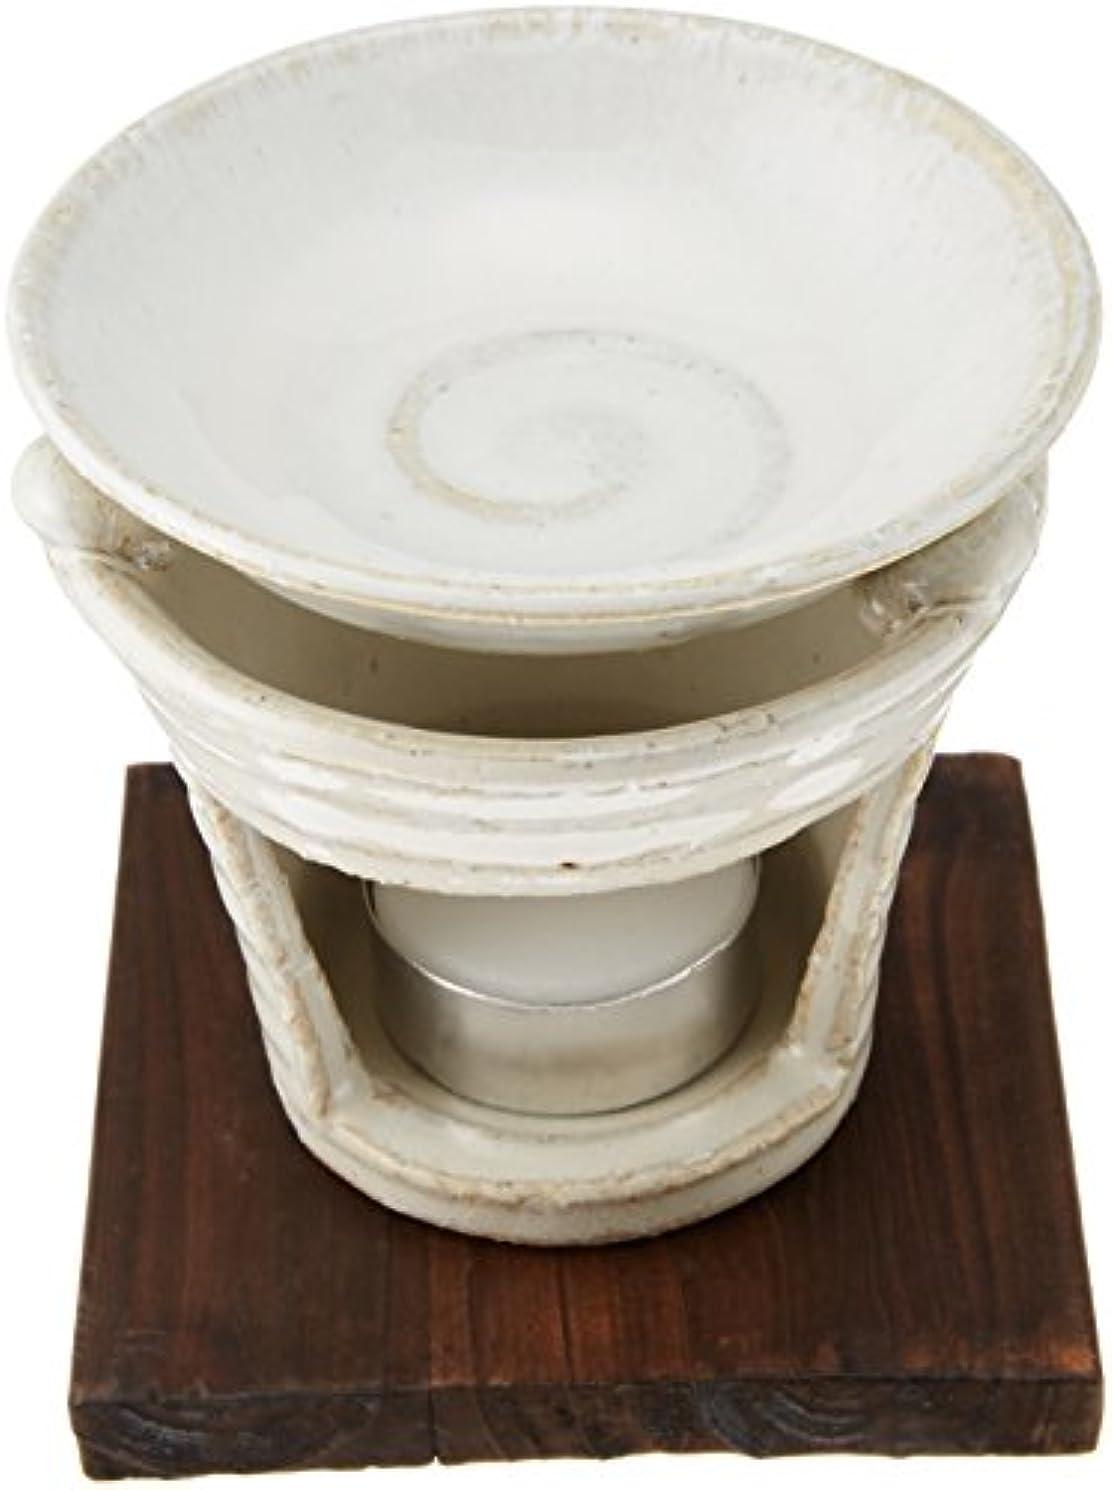 宿題あそこ湿度香炉 茶香炉 白萩 [H10cm] プレゼント ギフト 和食器 かわいい インテリア